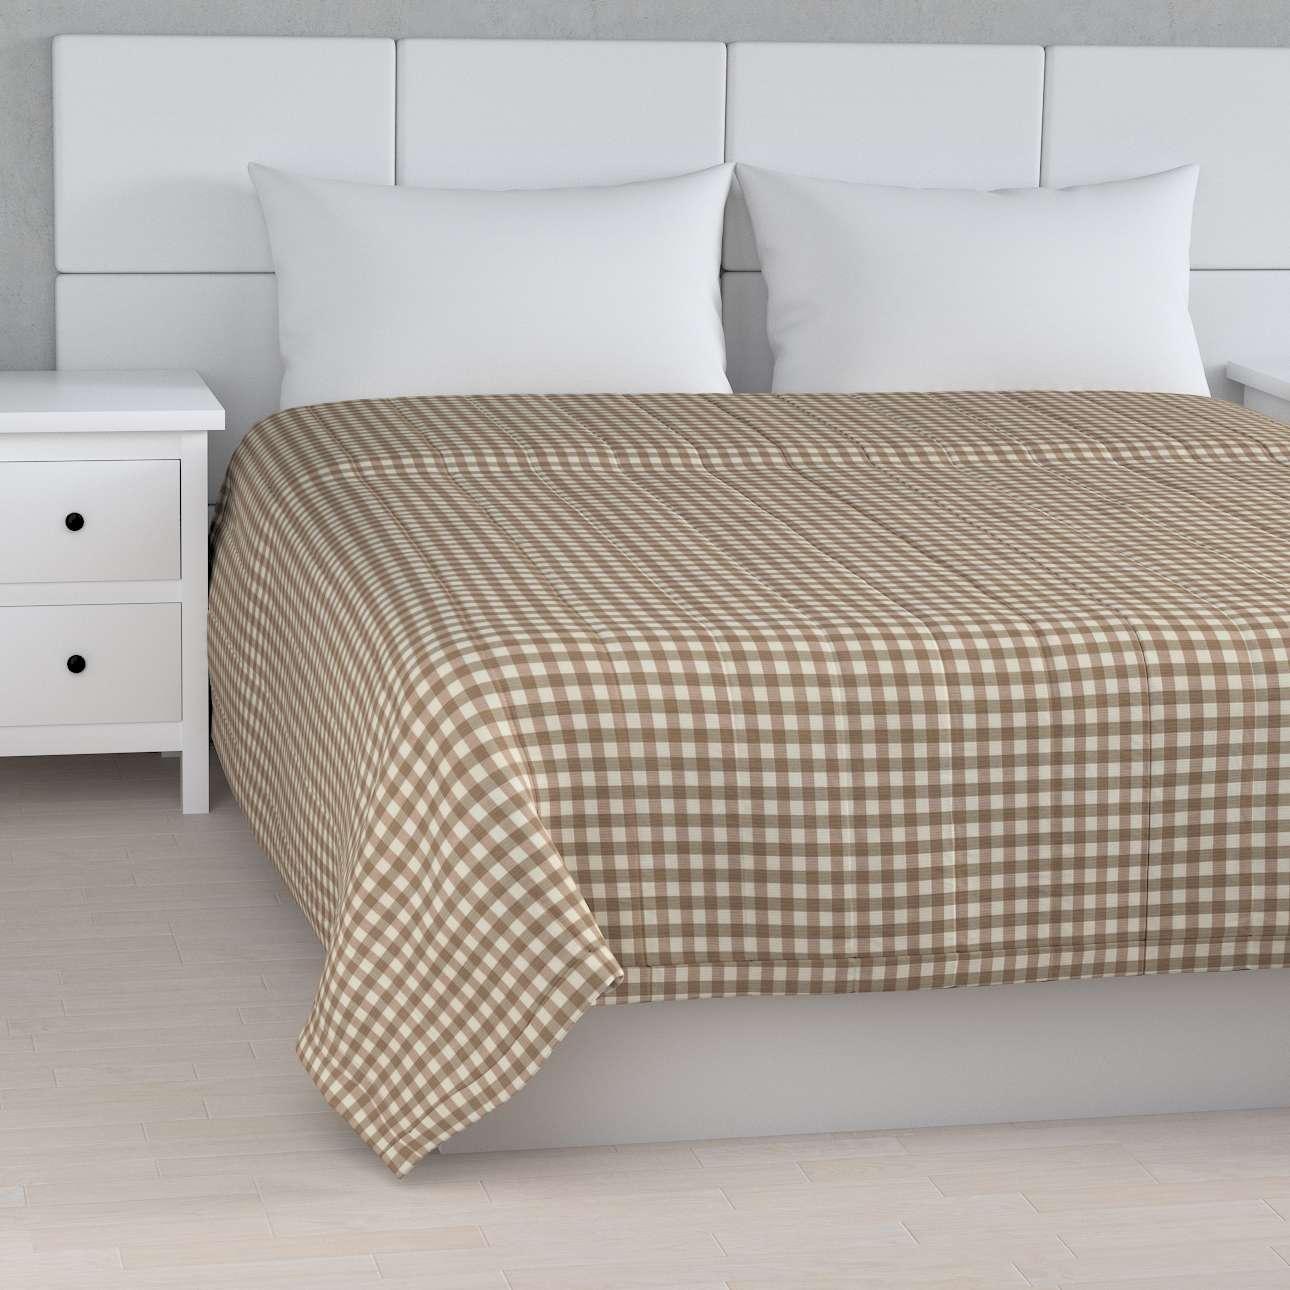 Narzuta pikowana w pasy w kolekcji Quadro, tkanina: 136-06